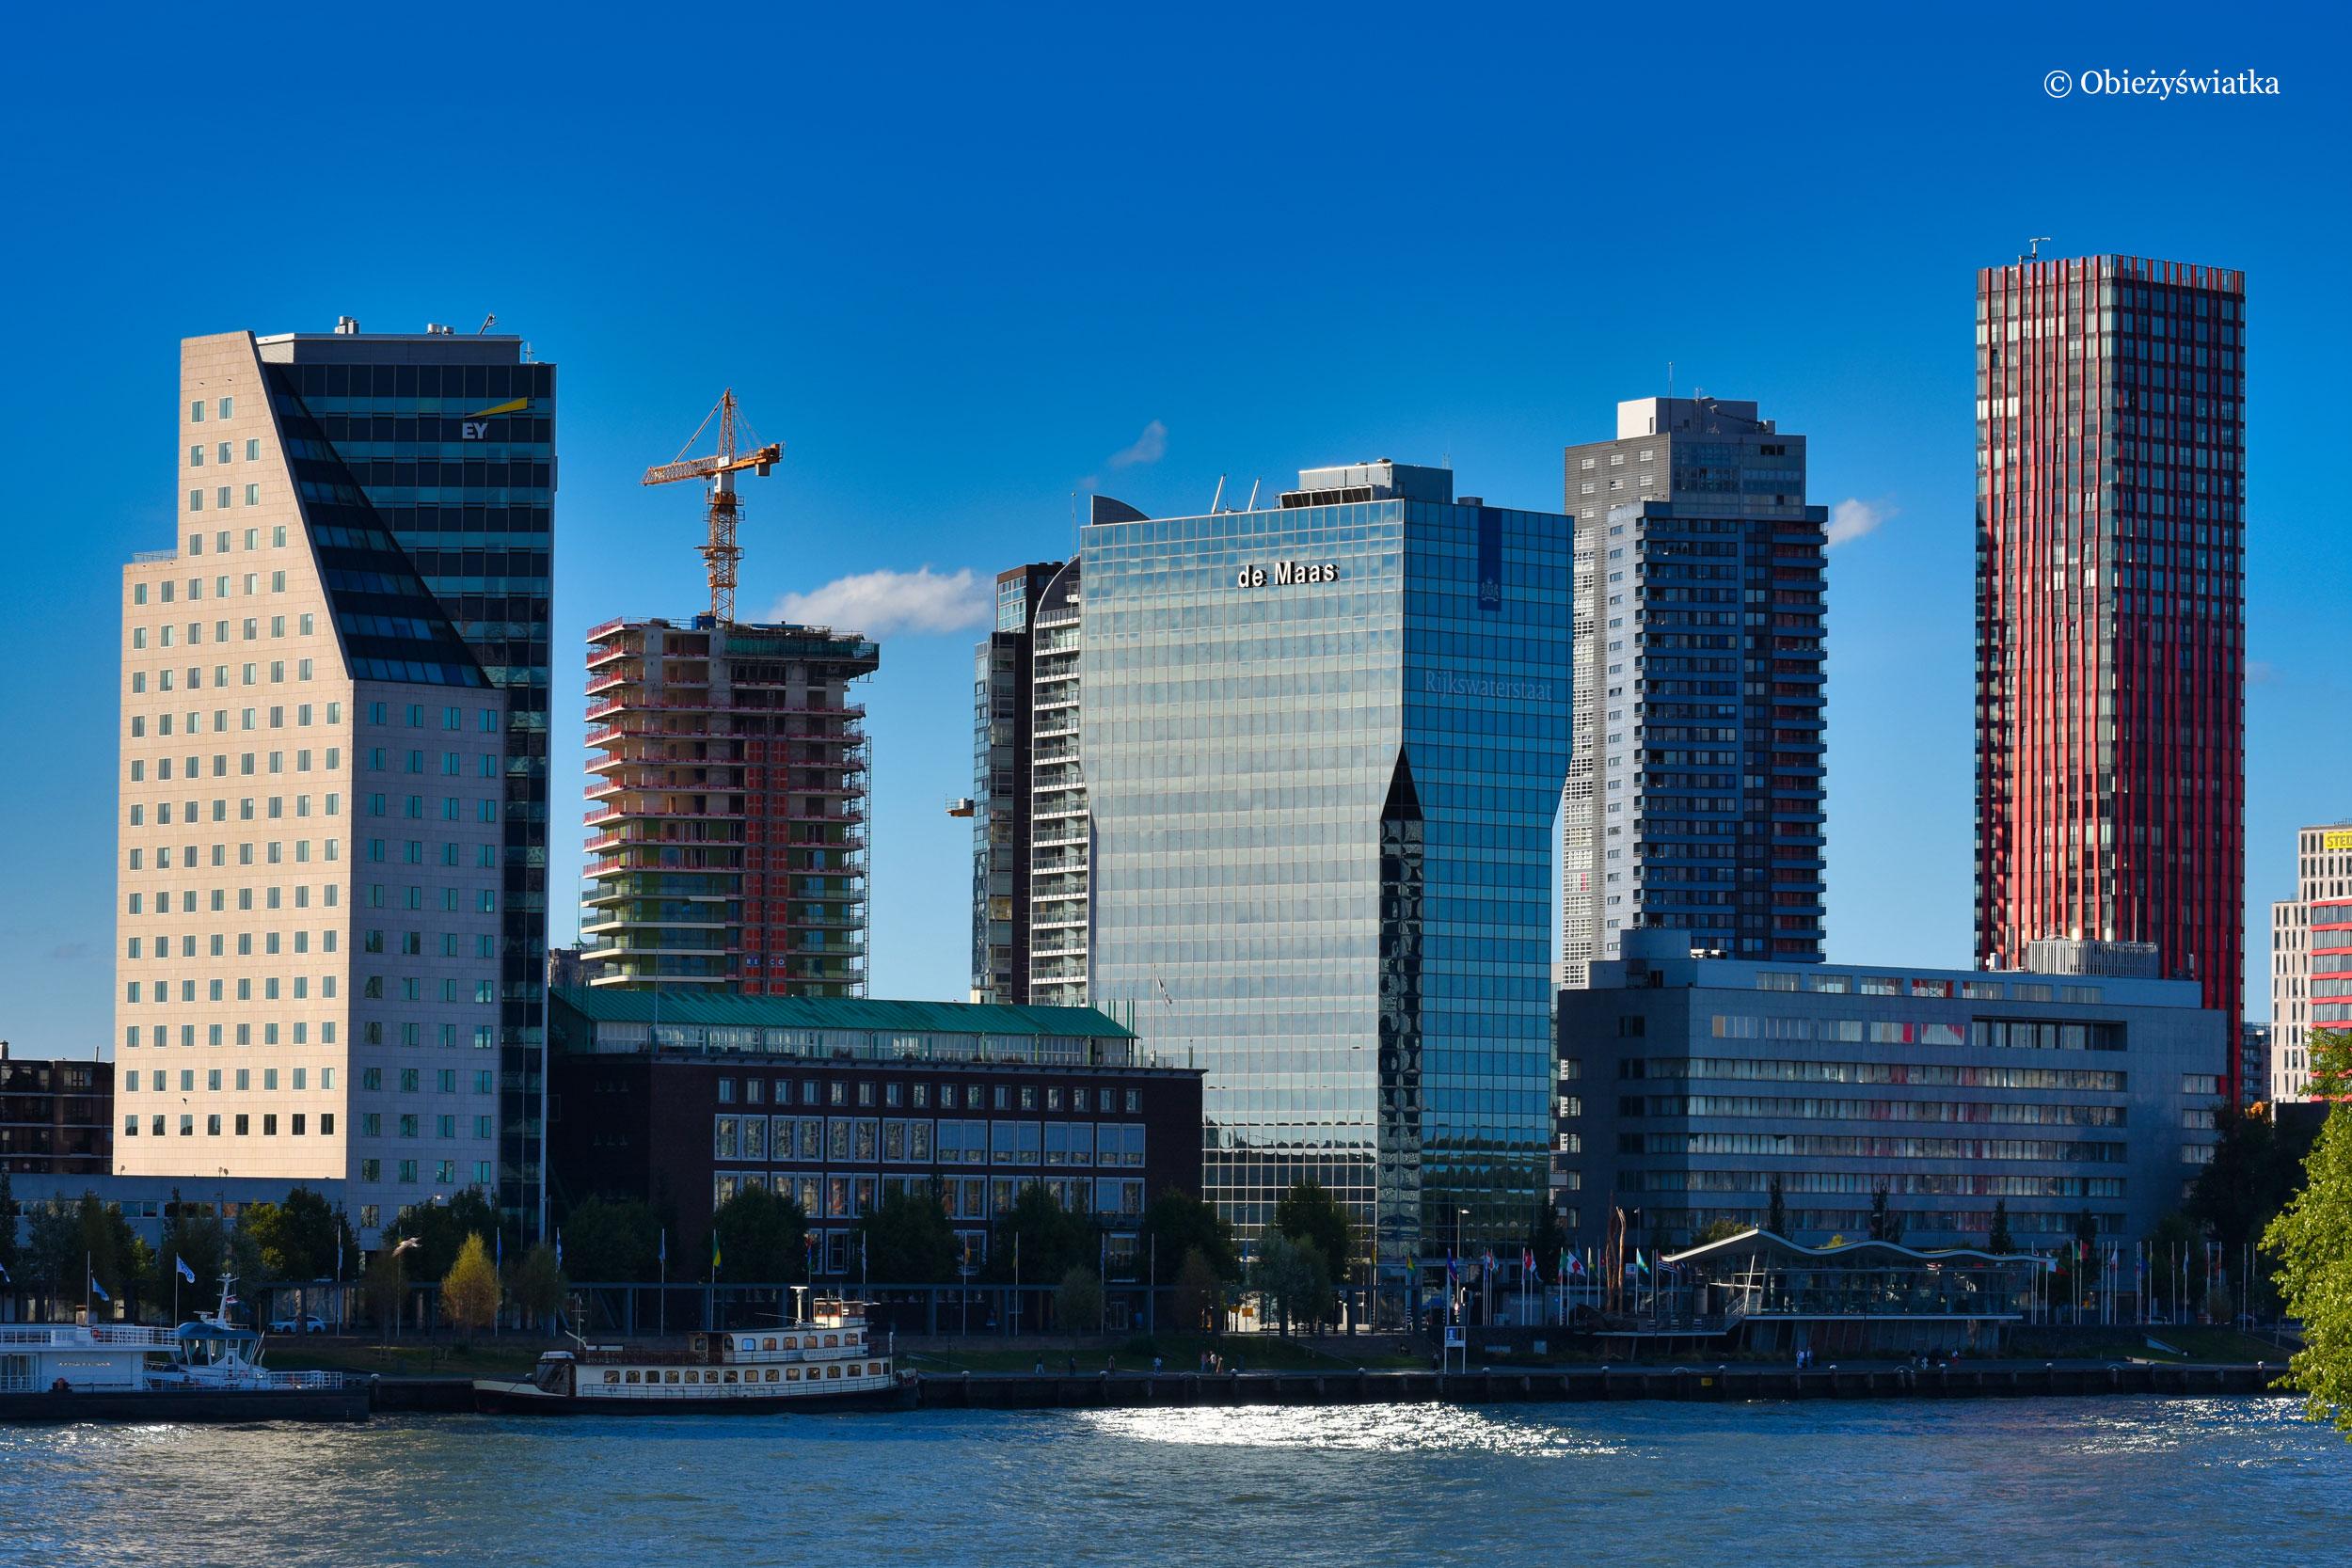 Miasto wieżowców, Rotterdam